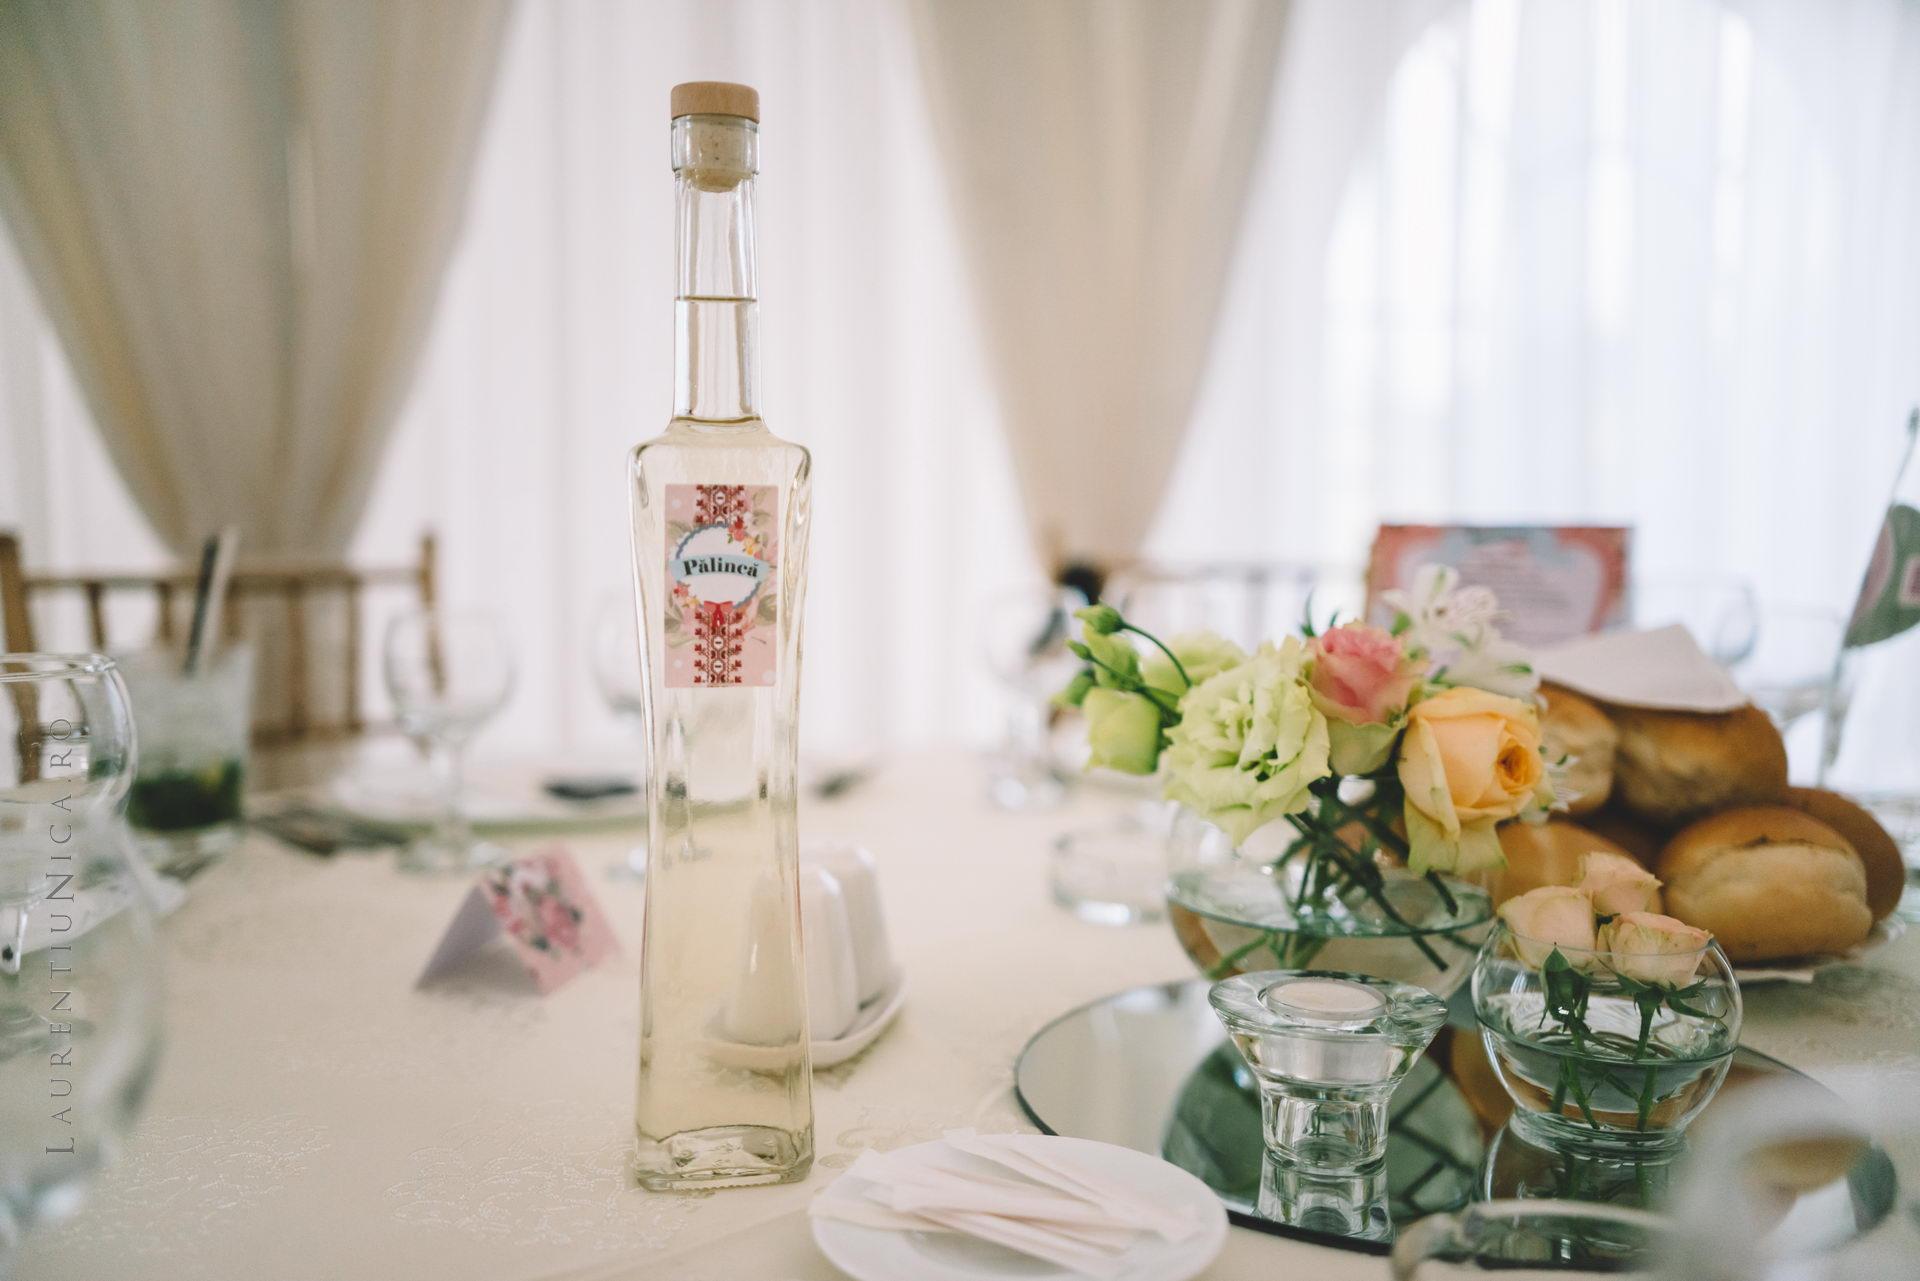 lavinia si adi fotograf laurentiu nica craiova 051 - Lavinia & Adi | Fotografii nunta